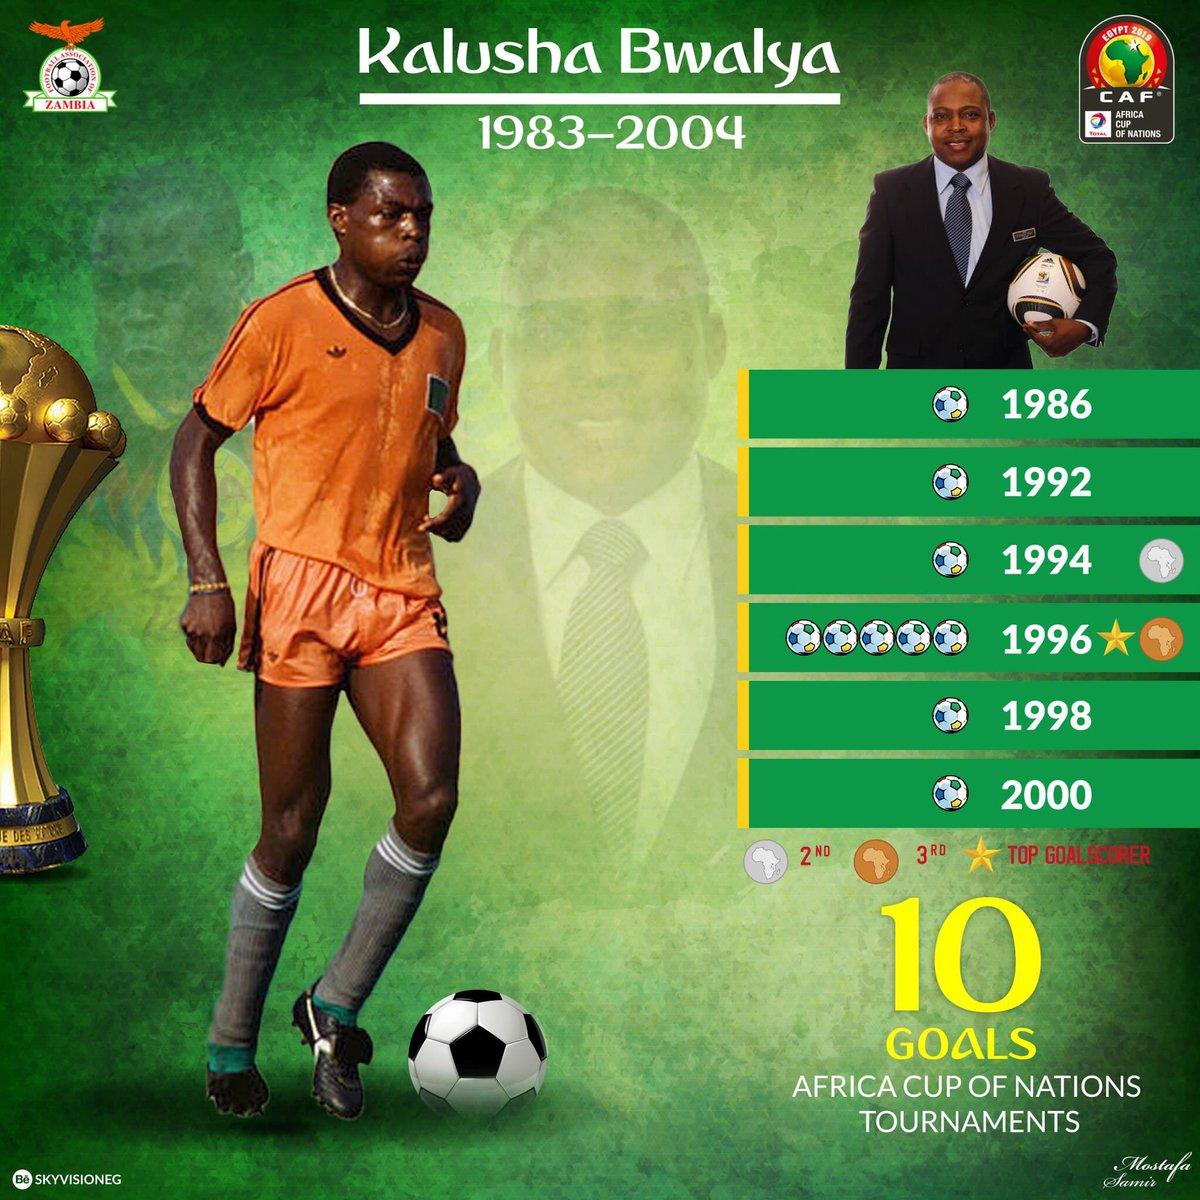 Happy Birthday King 👑 🇿🇲 Kalusha Bwalya @KalushaPBwalya